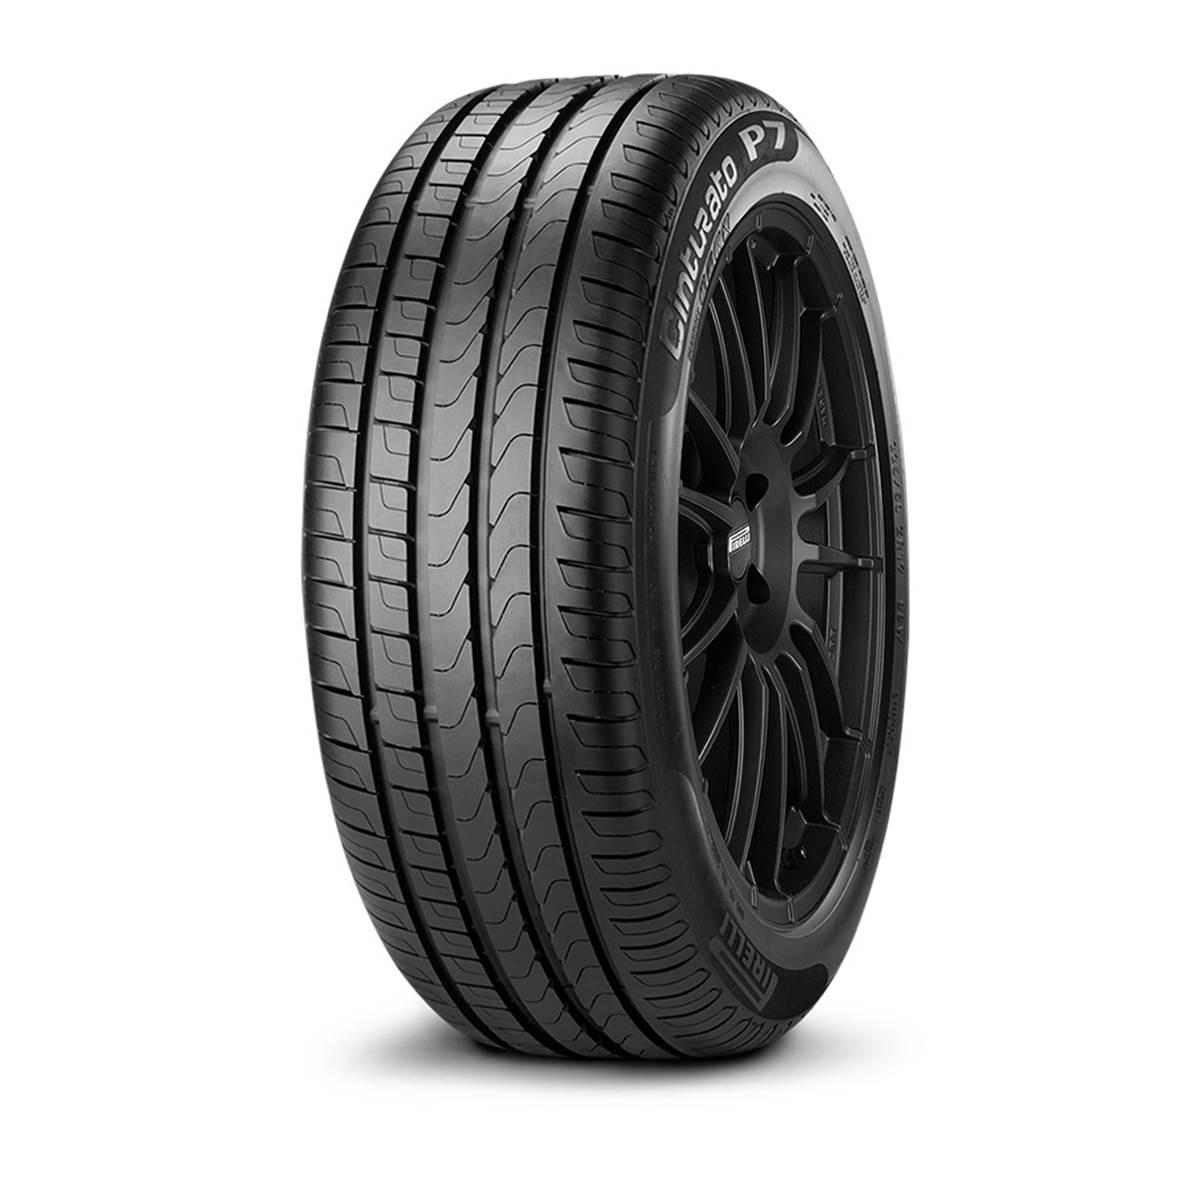 Pneu Runflat Pirelli 205/50R17 89W Cinturato P7